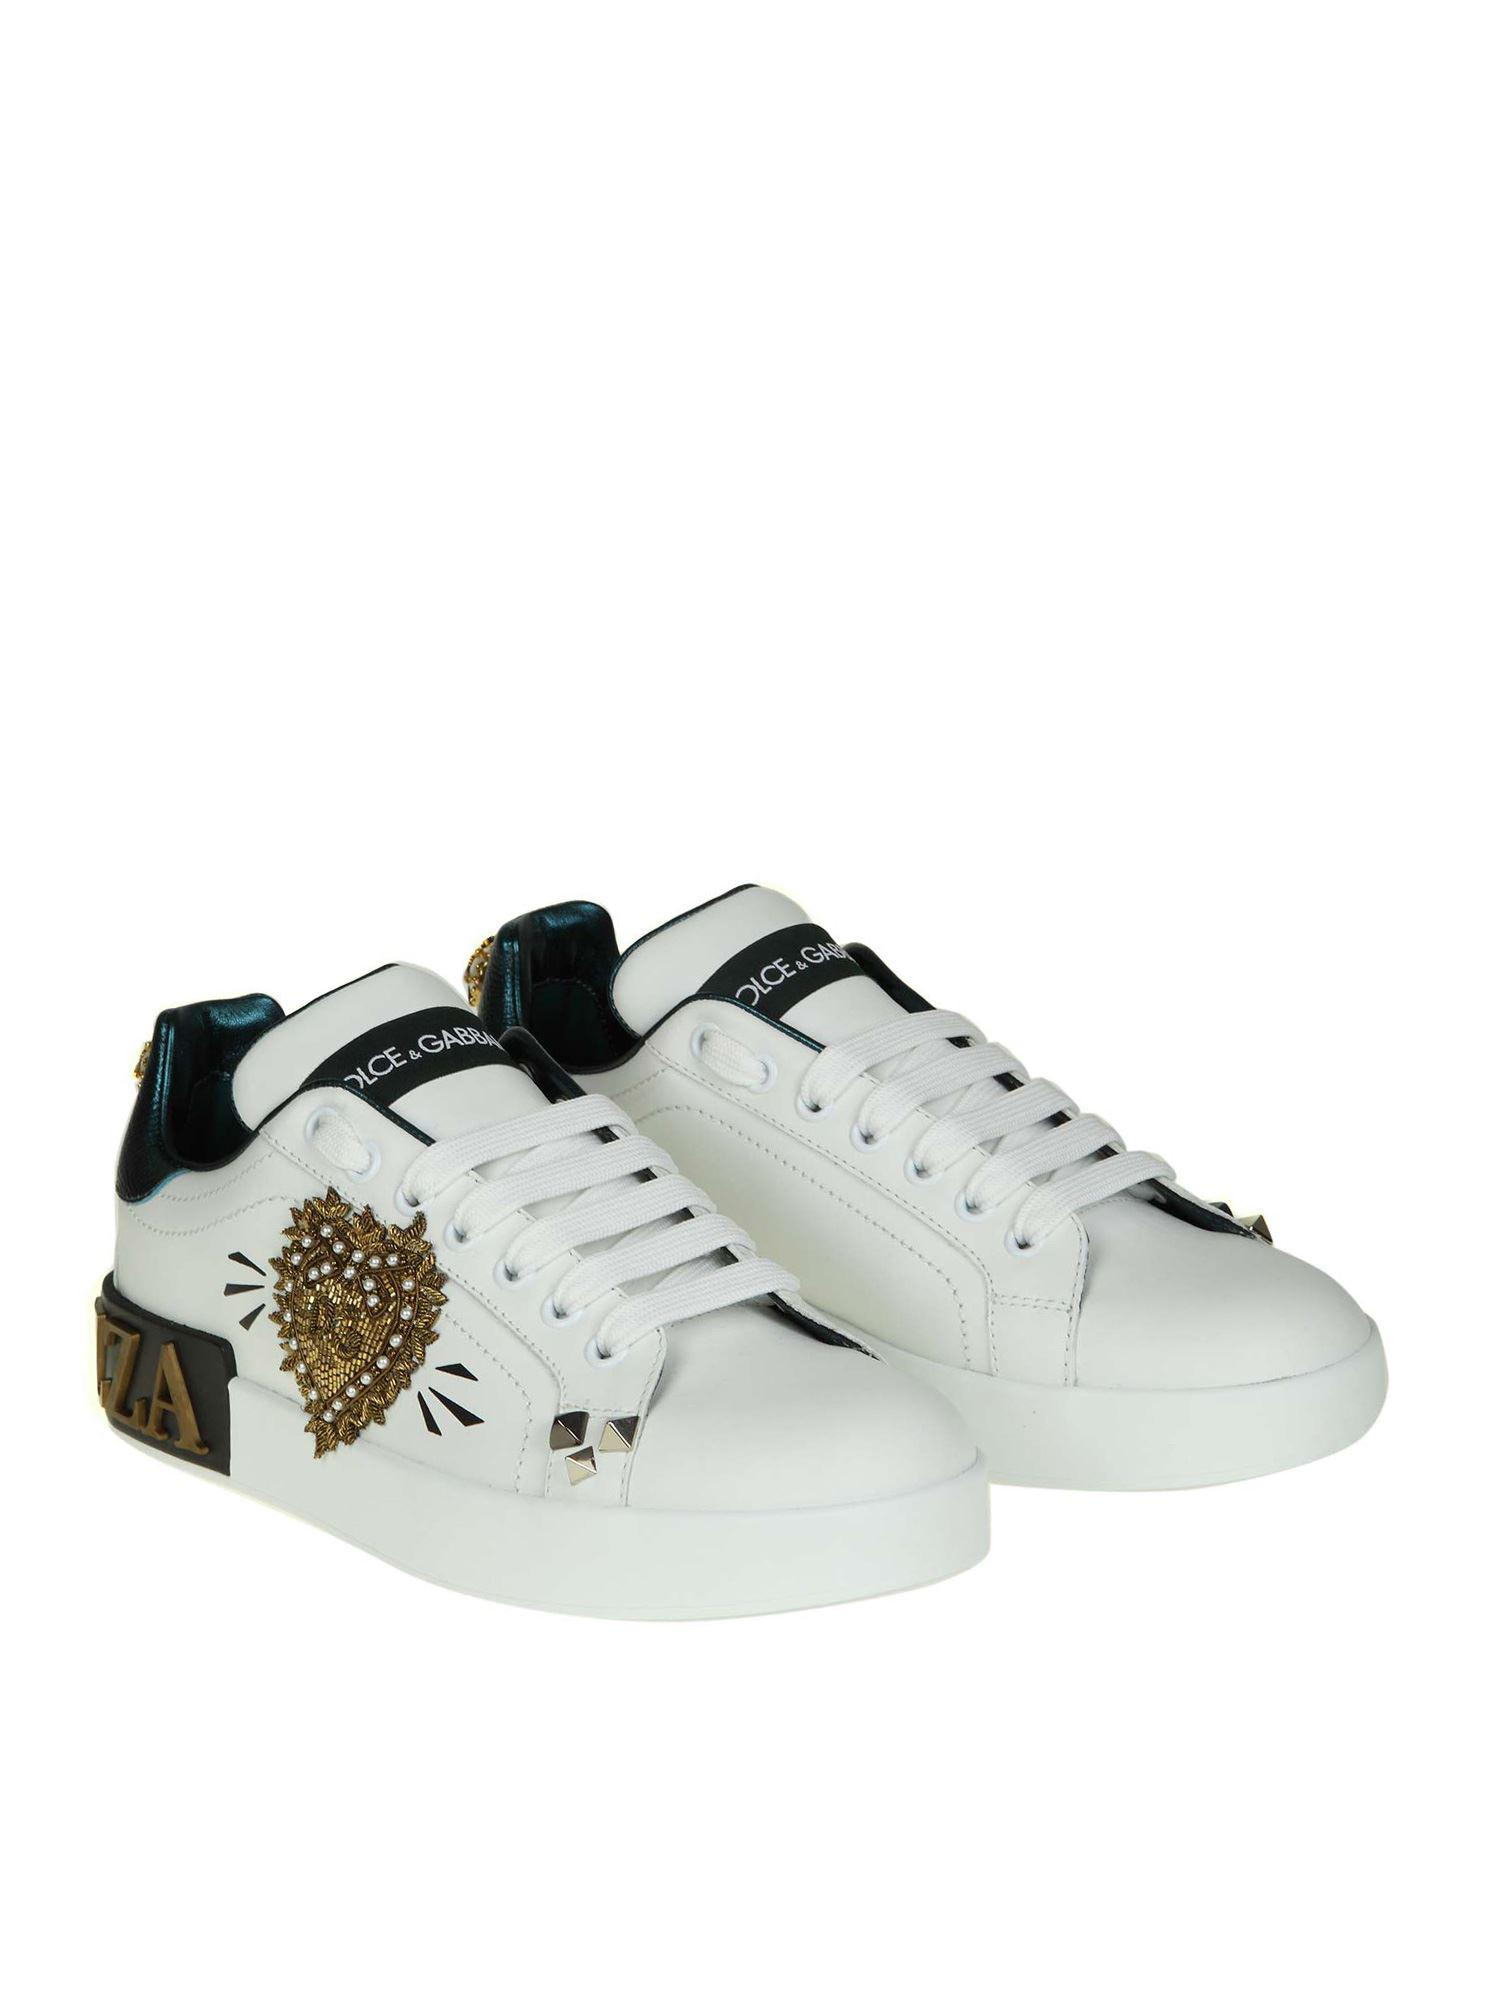 83e994a17509 Dolce   Gabbana -